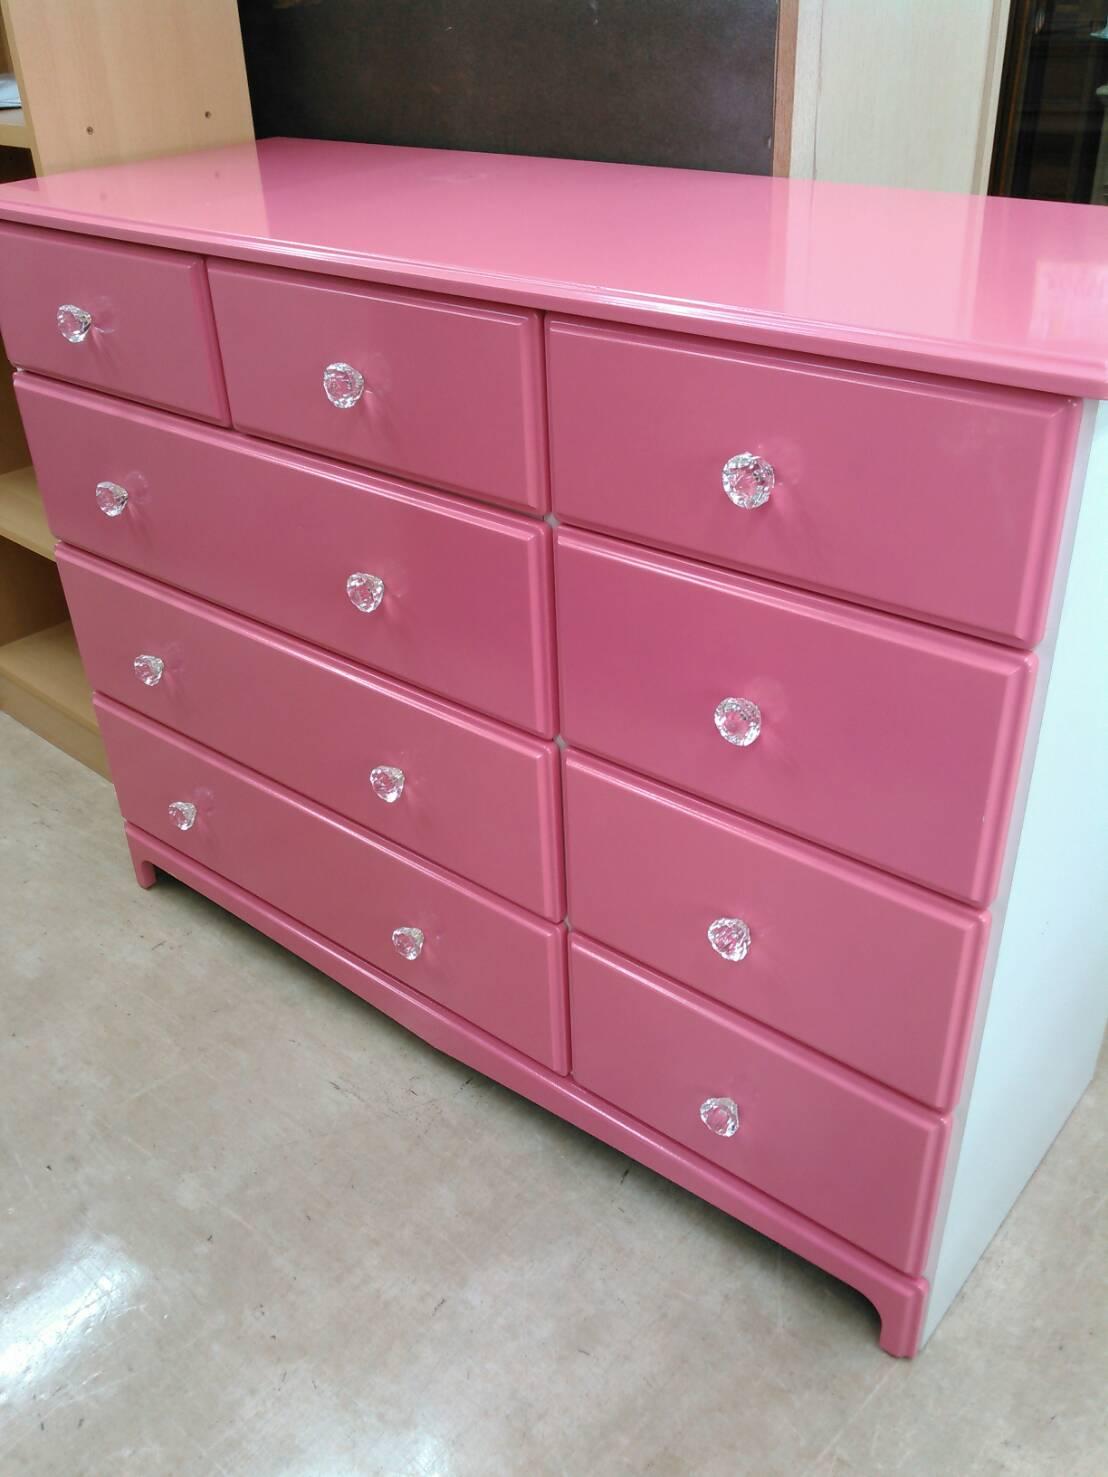 【4段チェスト 収納家具 衣類家具 ピンク クリスタル ローチェスト】買い取り致しました!の買取-